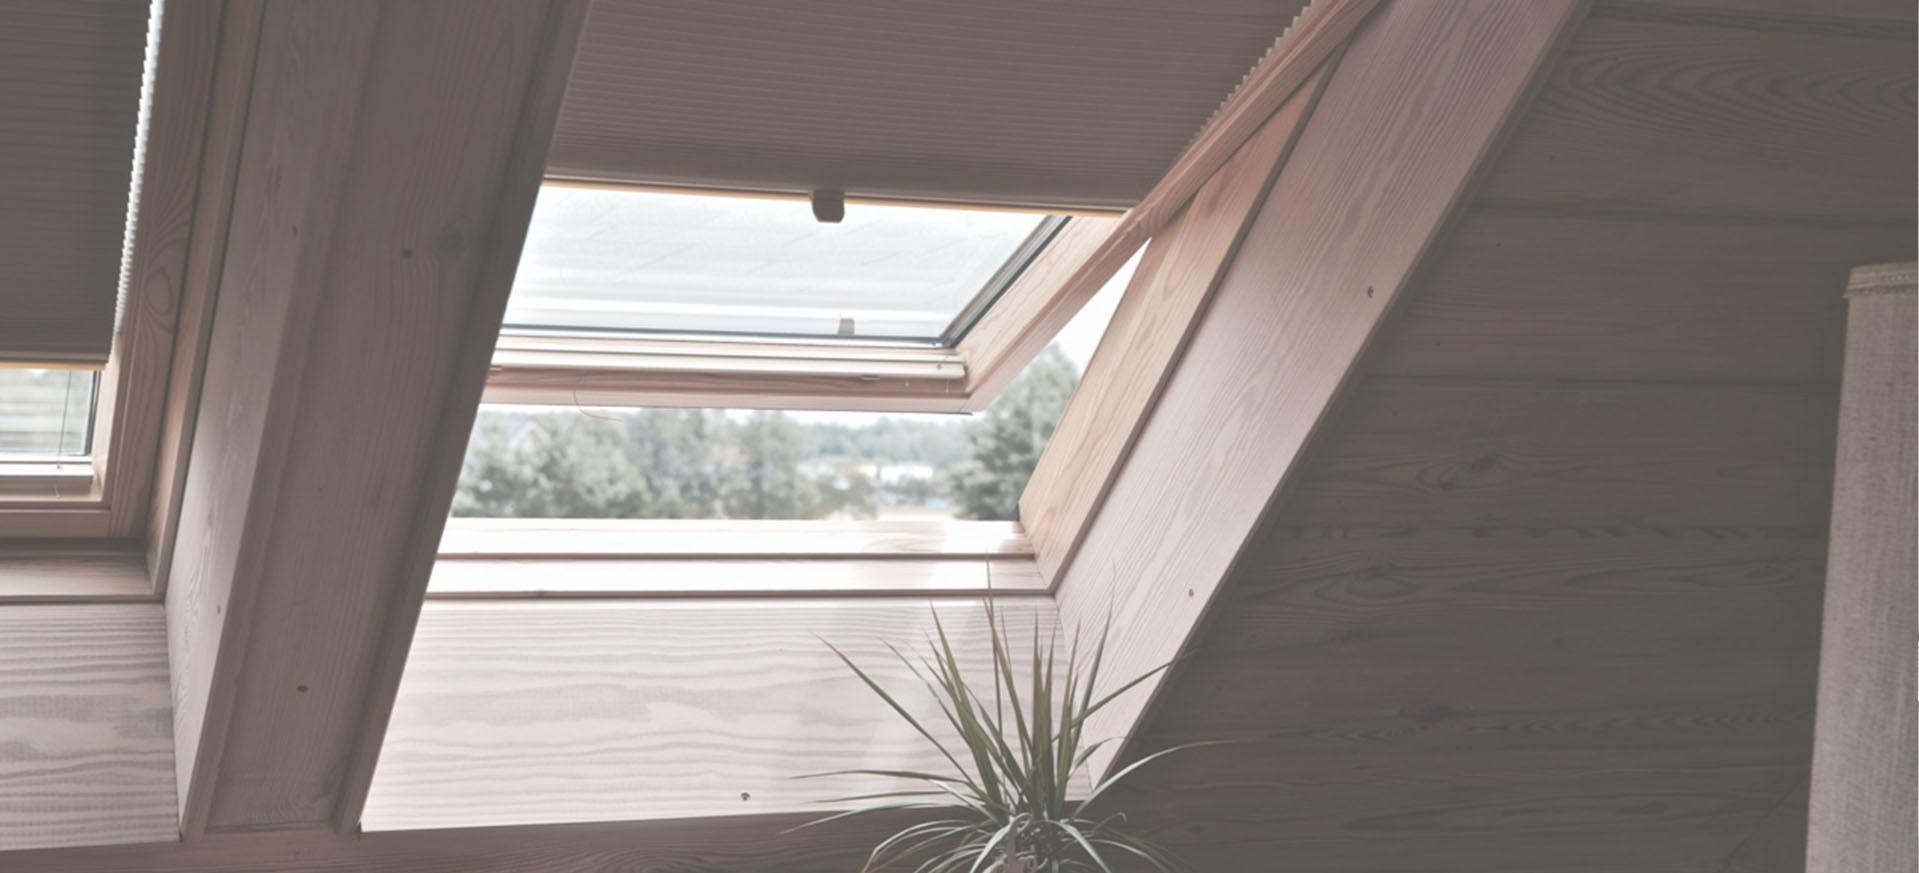 rolety na wymiar, rolety dachowe, rolety do okna dachowego, plisa dachowa, roleta do okna dachowego